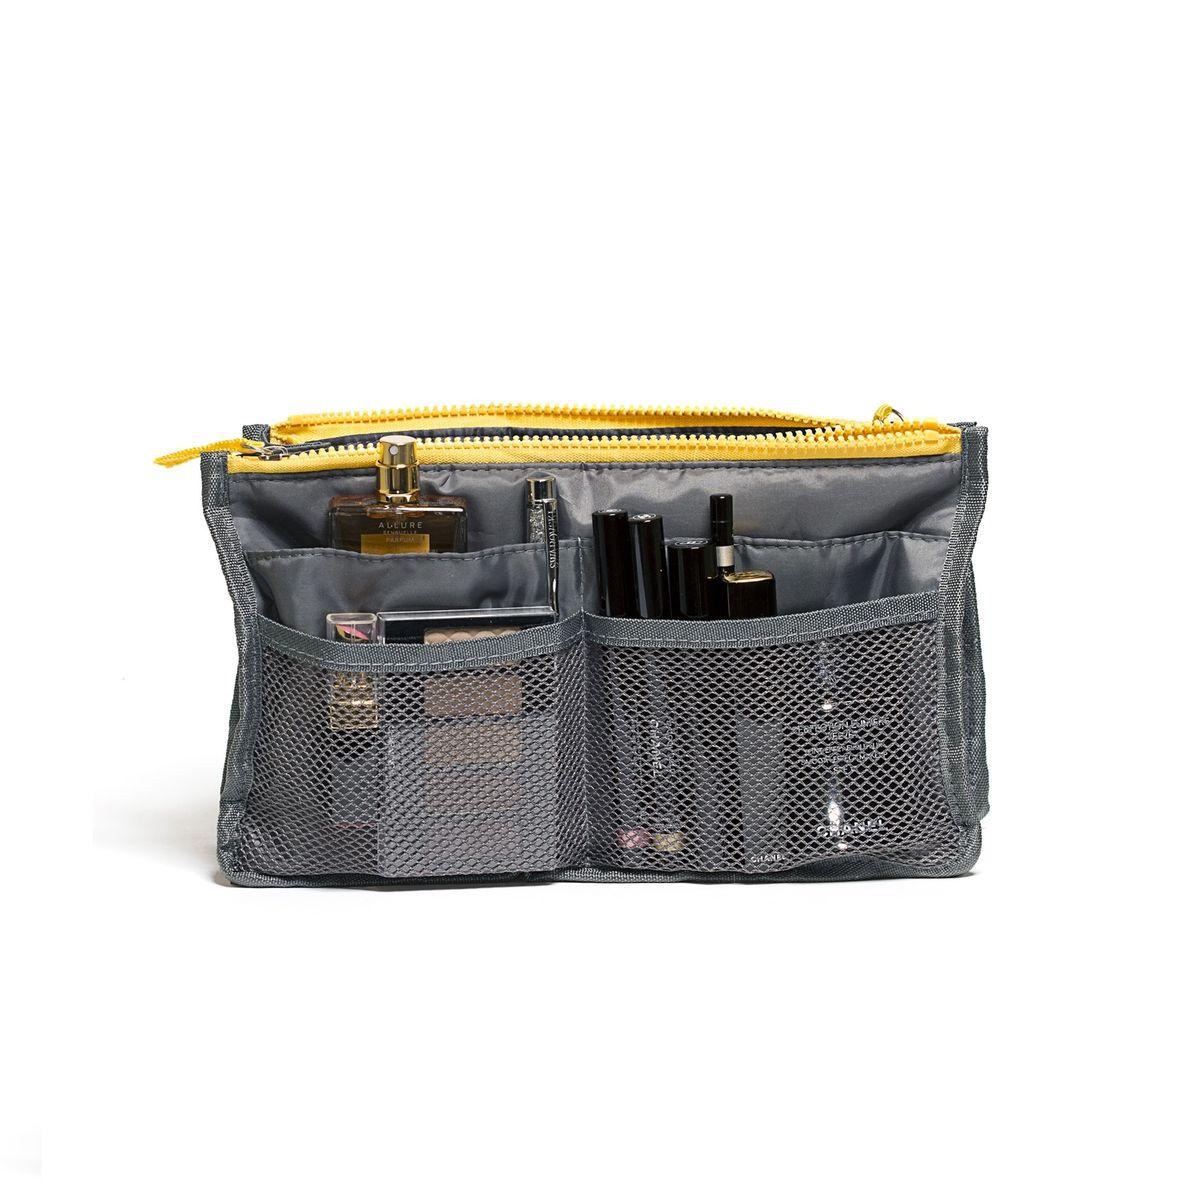 Органайзер для сумки Homsu, цвет: серый, 30 x 8,5 x 18,5 смHOM-137Этот органайзер для сумки благодаря трем вместительным отделениям для вещей, четырем кармашкам по бокам и шести кармашкам в виде сетки обеспечит полный порядок в вашей сумке. Кроме того, изделие обладает интересным стилем, выполнено в сером цвете и оснащёно двумя крепкими ручками, что позволяет применять его и вне сумки, как отдельный аксессуар. Фактический цвет может отличаться от заявленного.